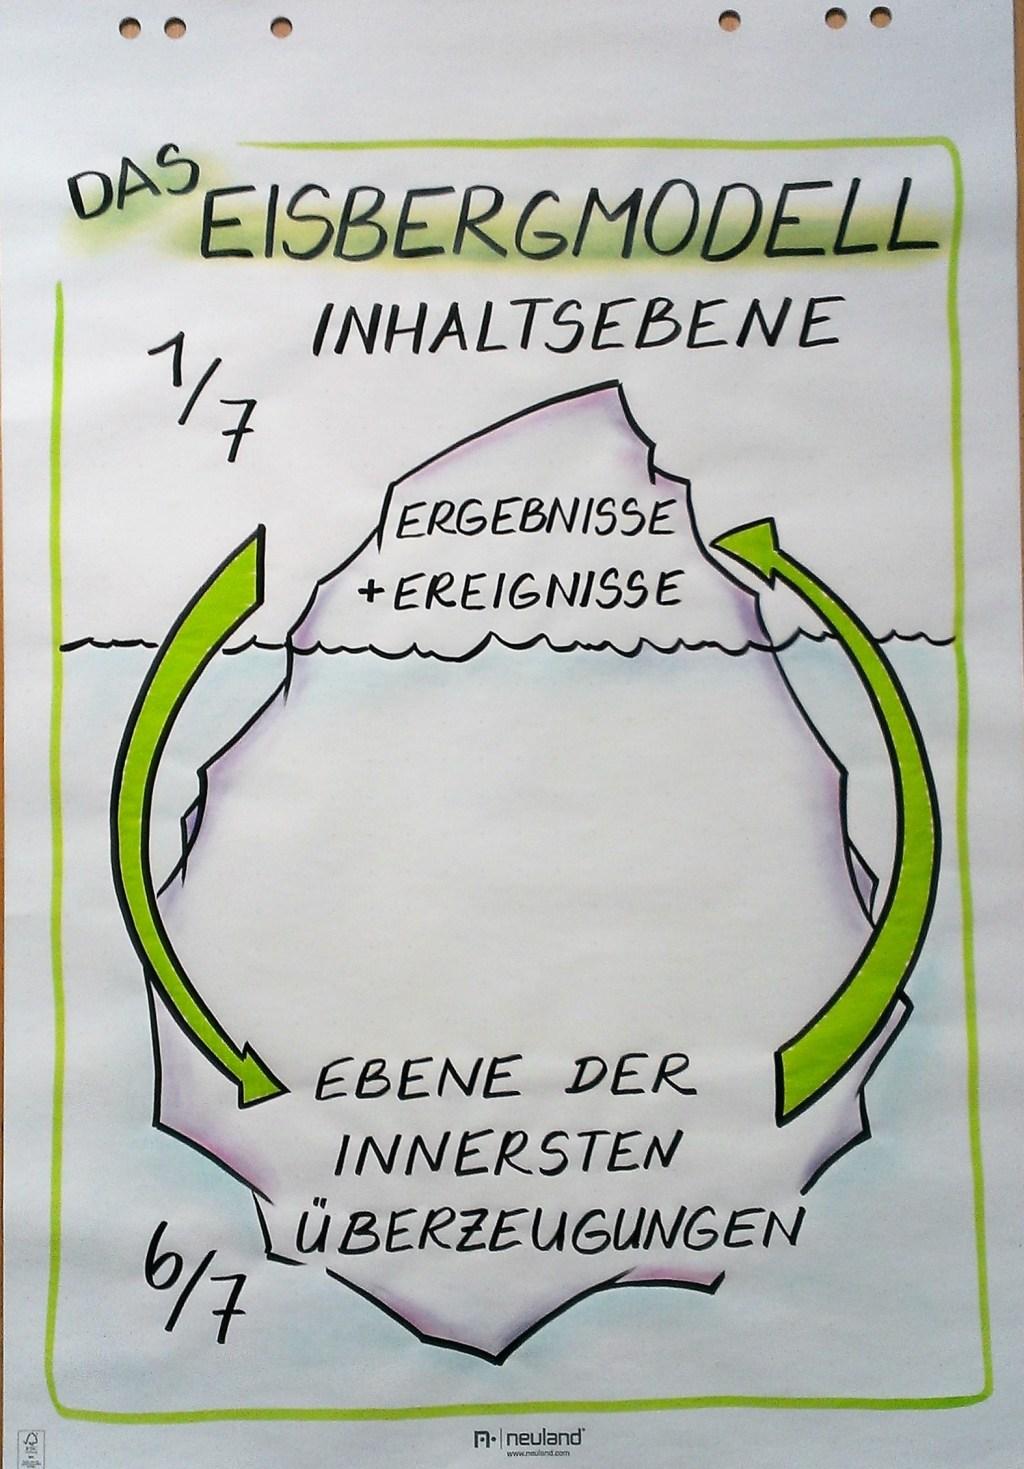 Flipchart-Seminare und Sketchnotes-Workshops, Seminare und Workshops in Flipchartgestaltung, Flipchart-Training, Flipchart, Flipchart-Workshop, Flipchart-Seminar, Flipchartbild, Flipchartgestaltung, Flipchartkurs, Flipchart-Workshop Bremen, Flipchart-Seminar Bremen, Flipchart-Trainig Bremen, Flipchart-Seminar inhouse, Eisbergmodell